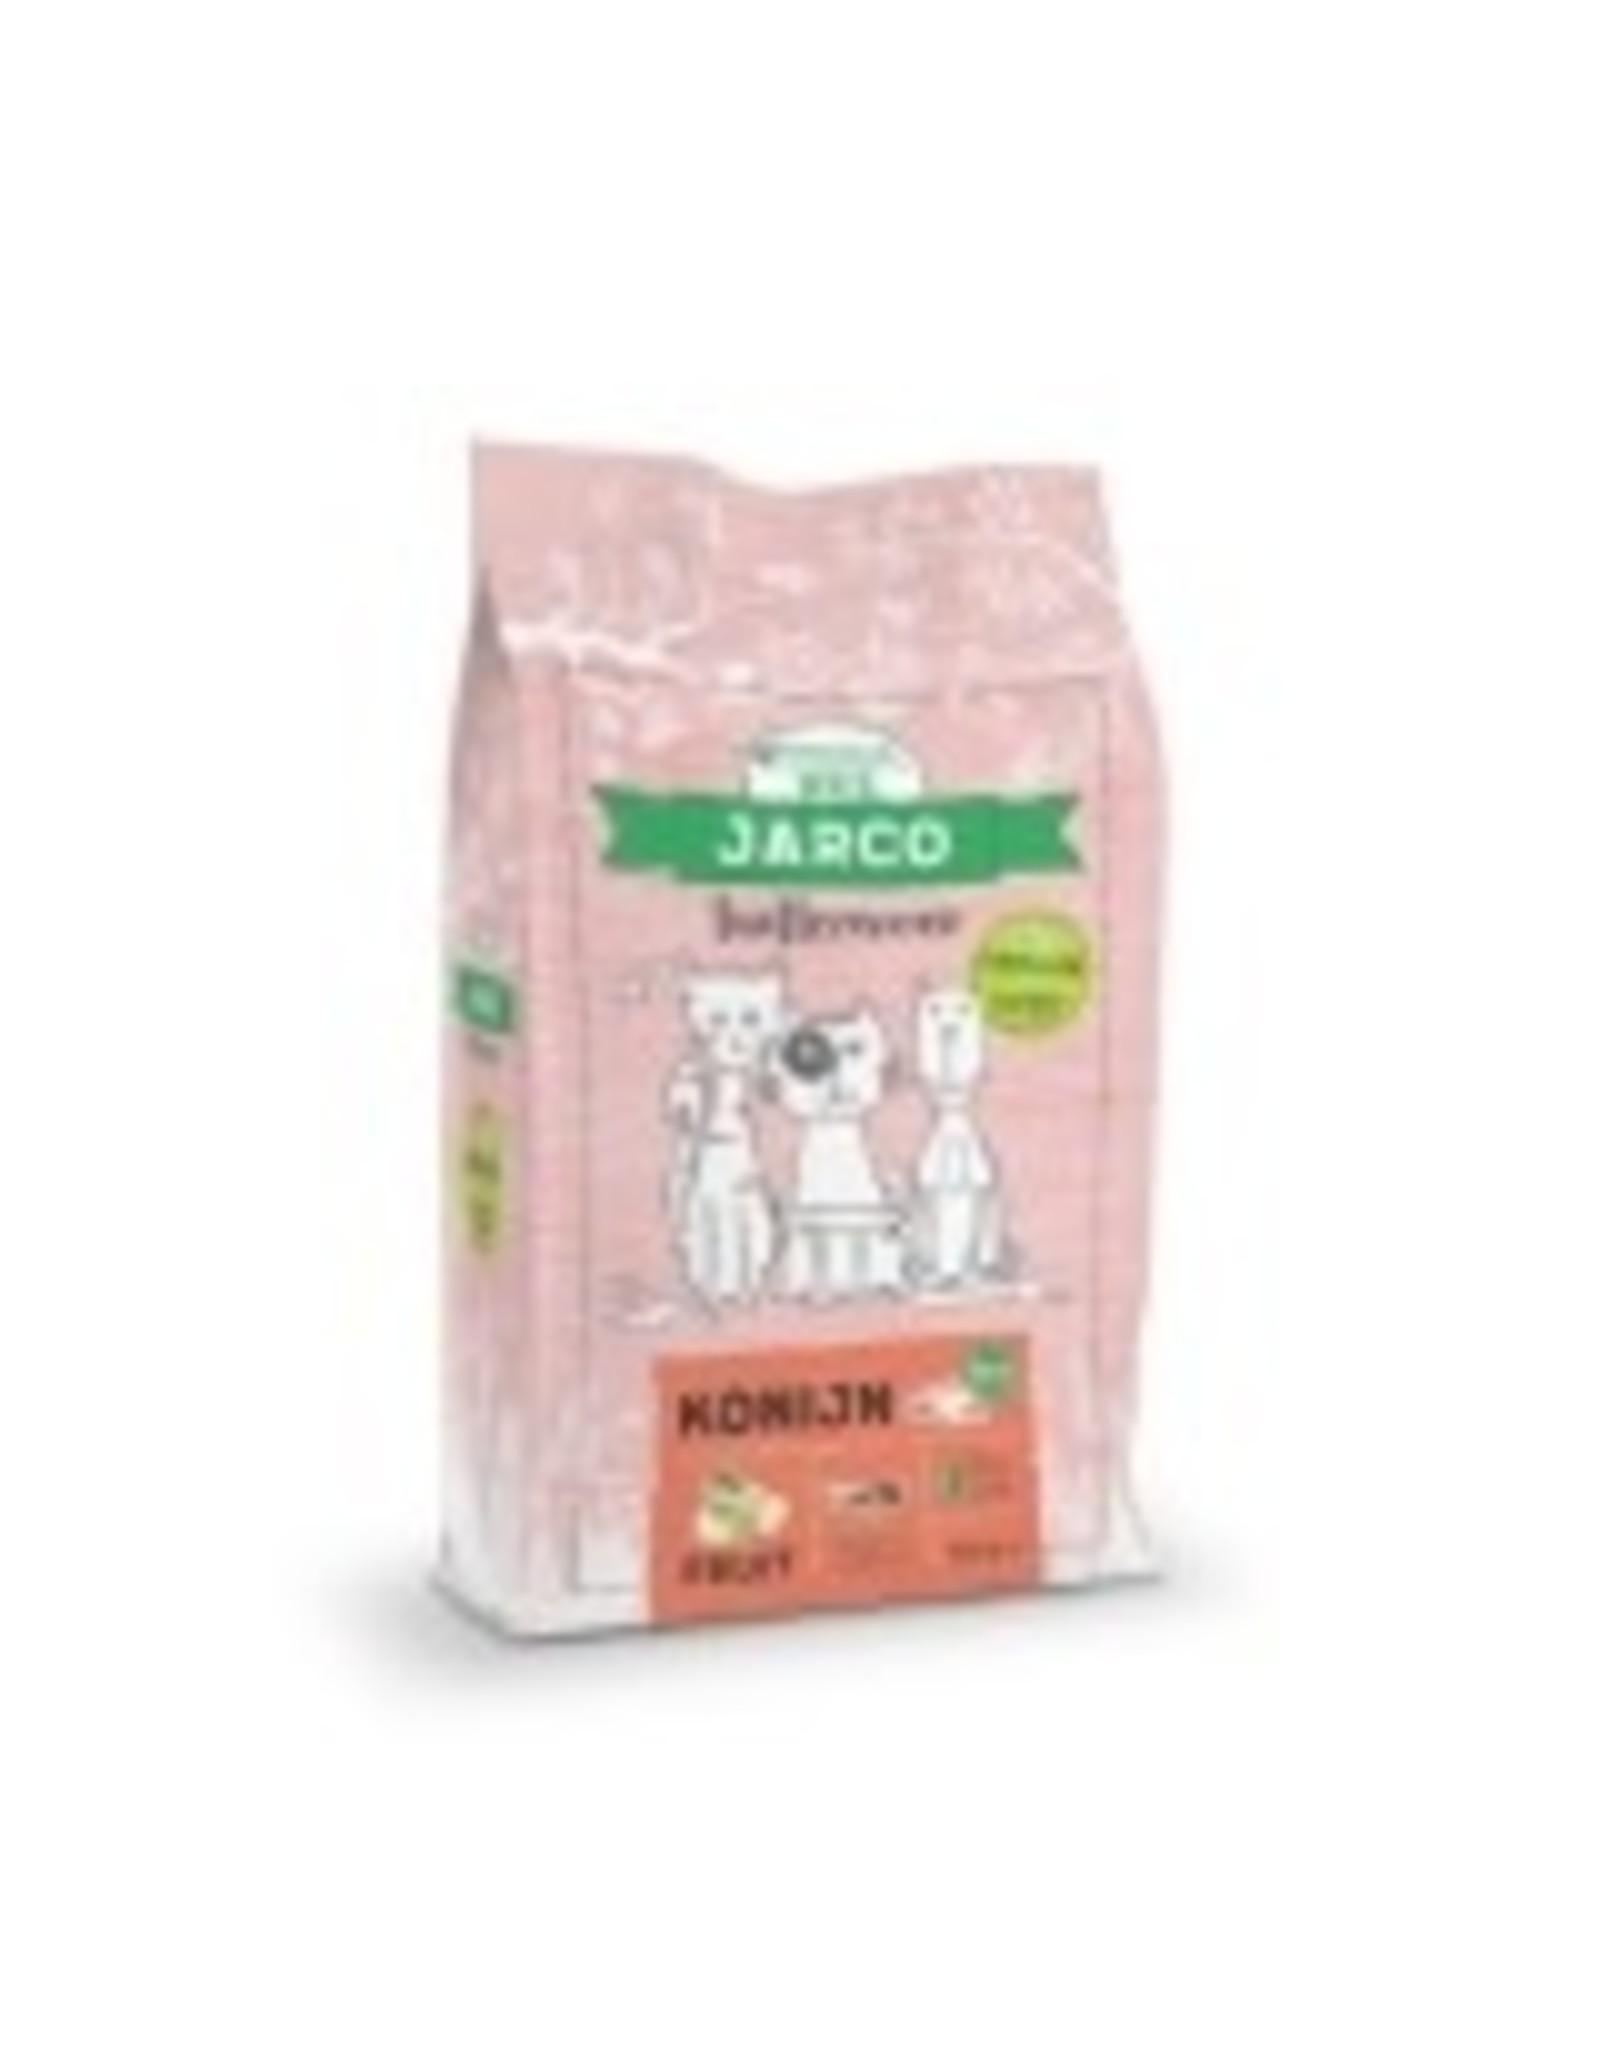 Jarco Premium Kat Konijn   400Gr